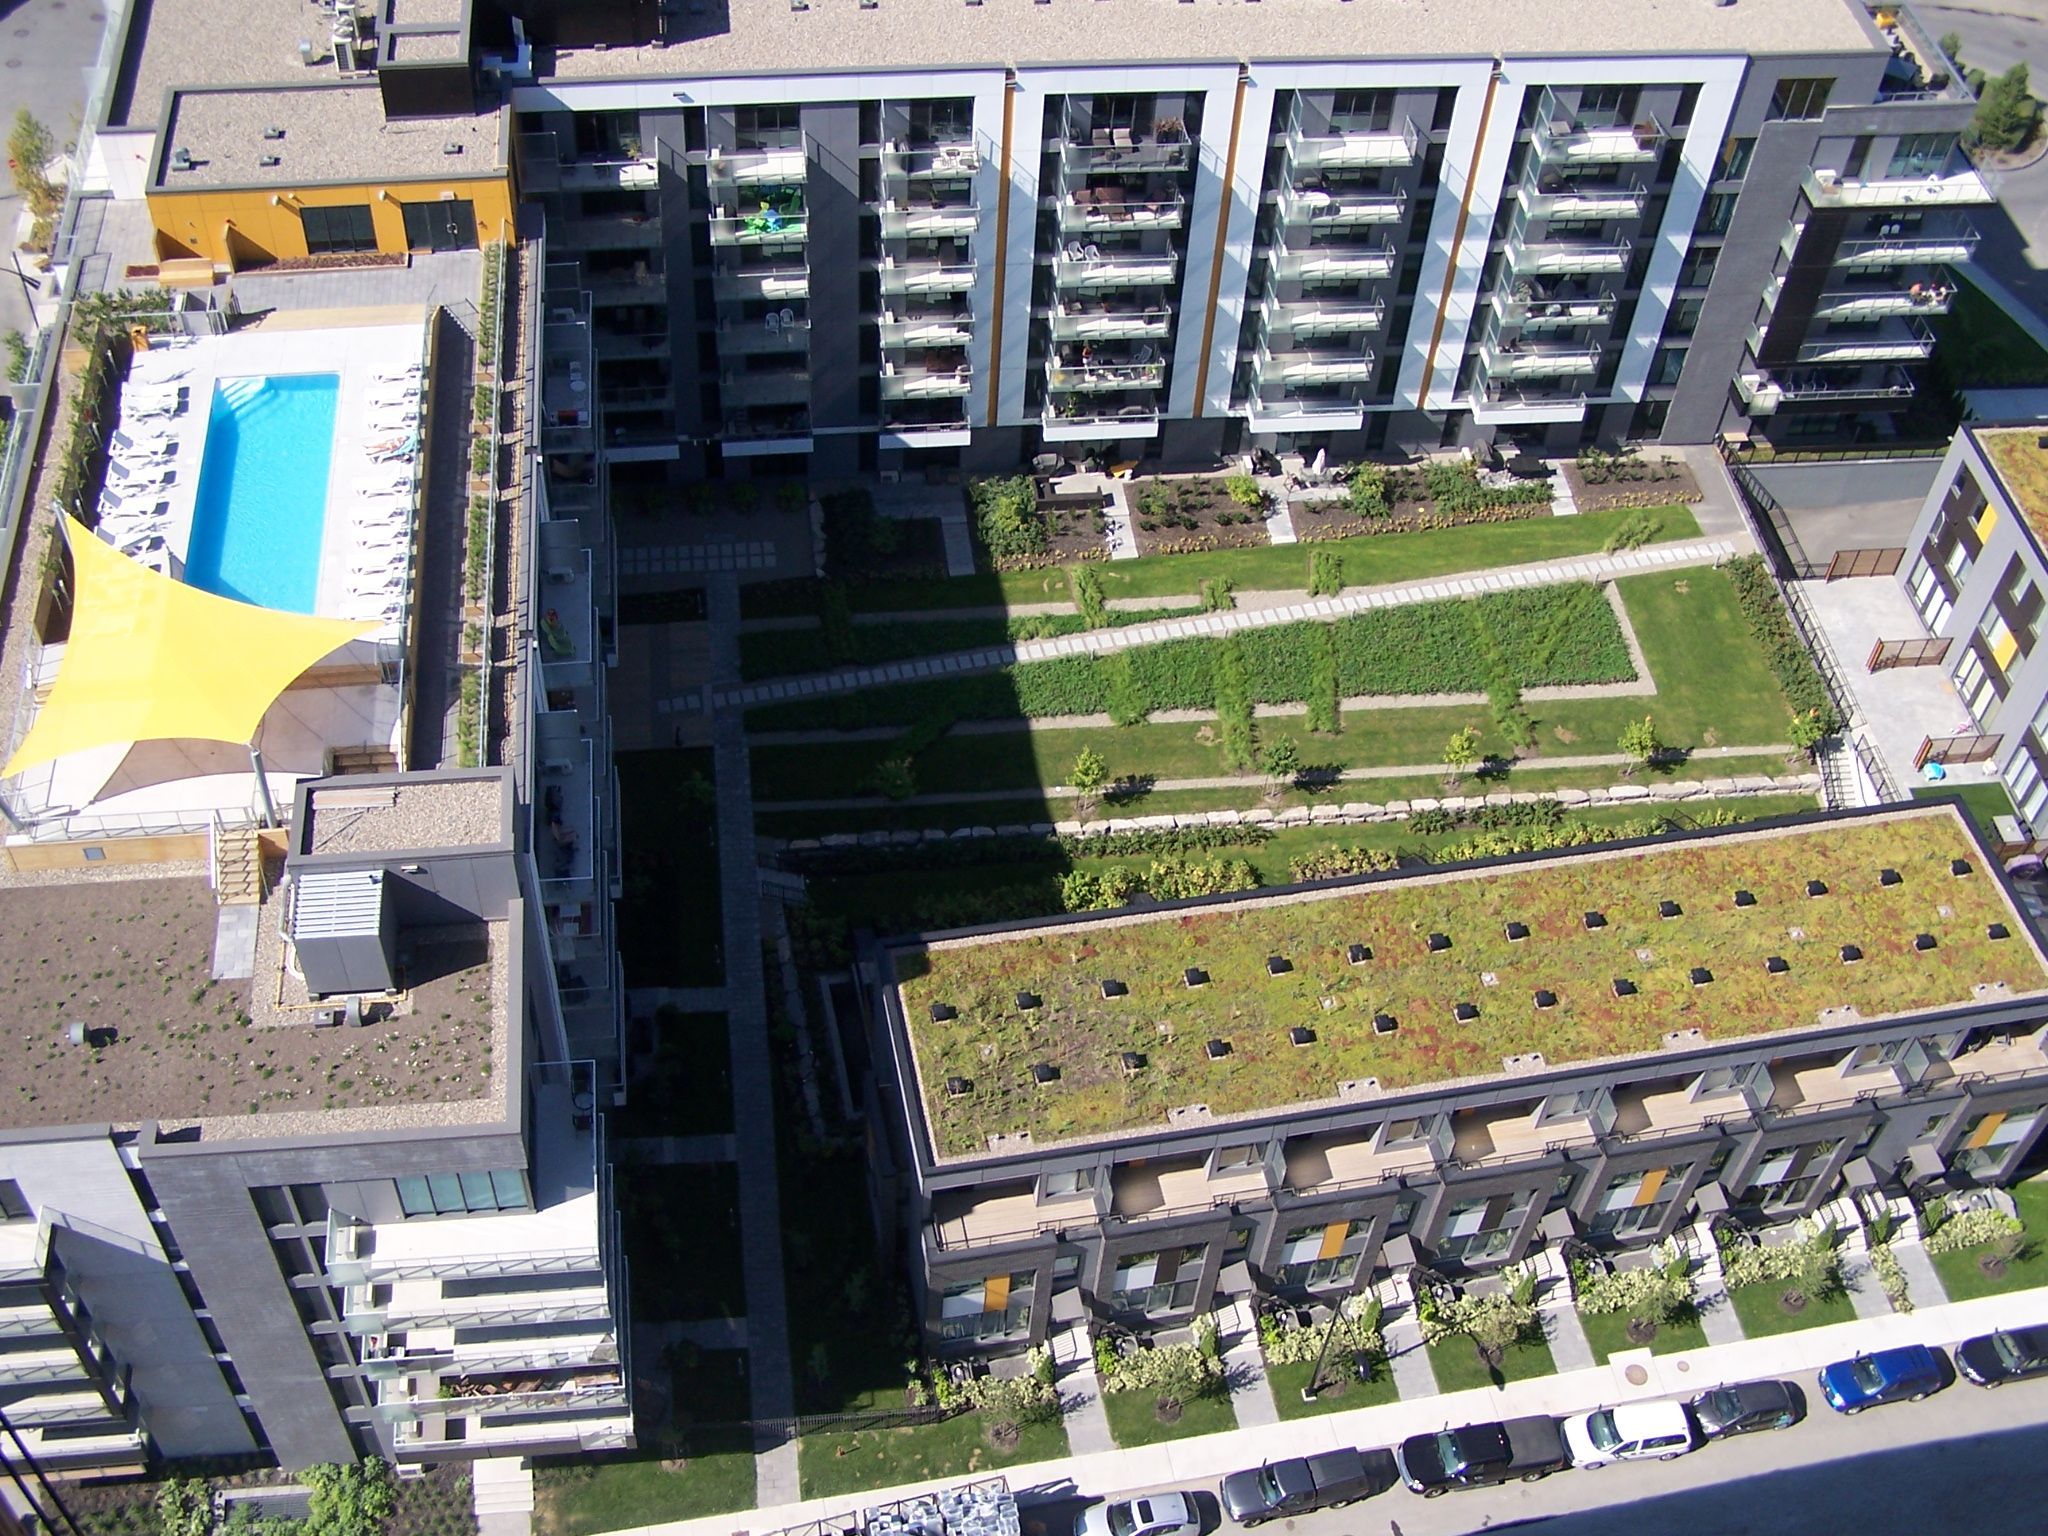 Toiture végétale et piscine sur le toit du ZUNI. Green roof and rooftop pool.